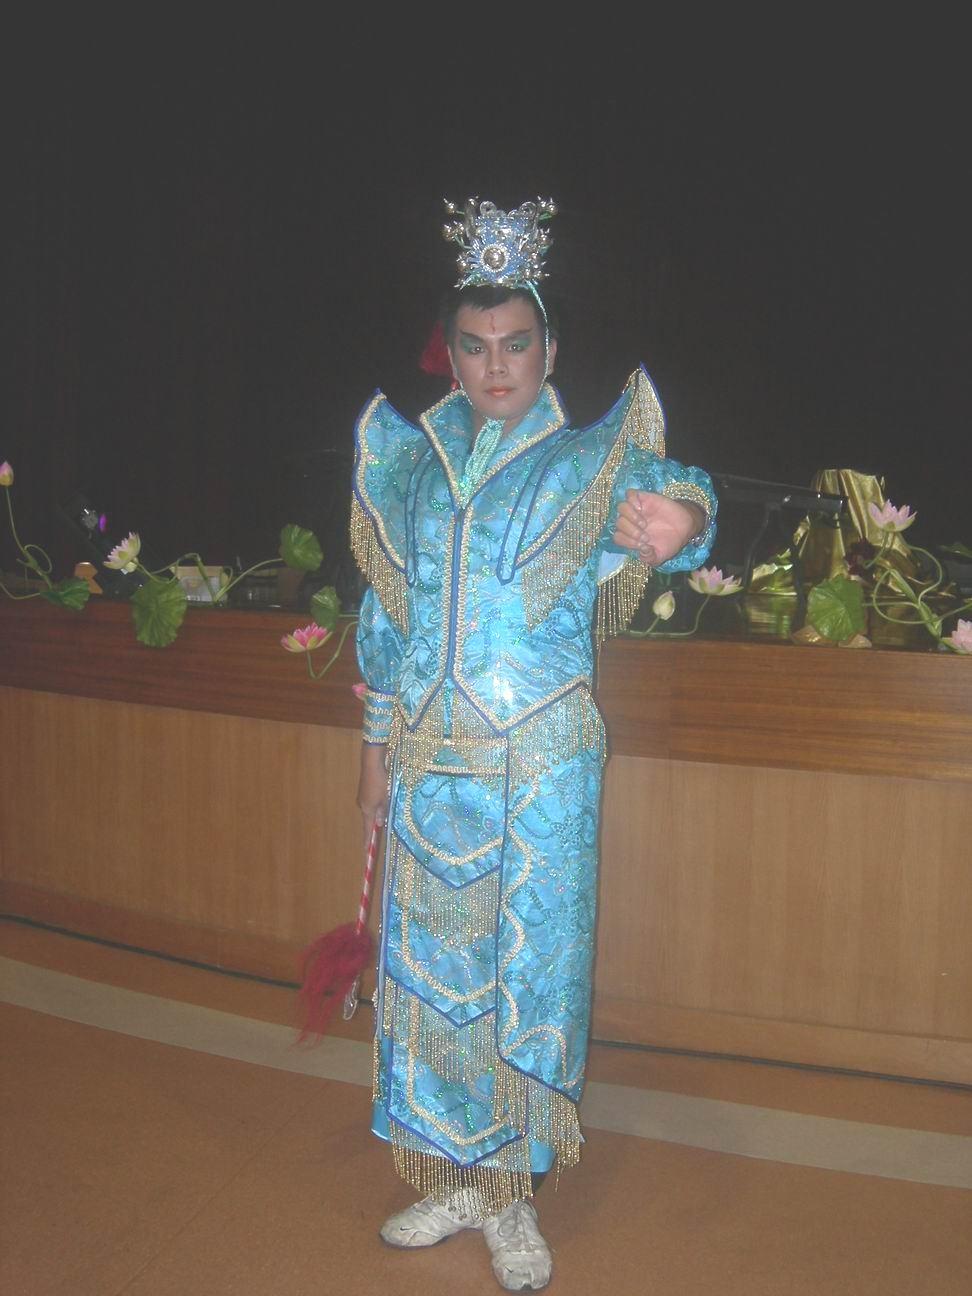 古裝-22-海龍王戲服